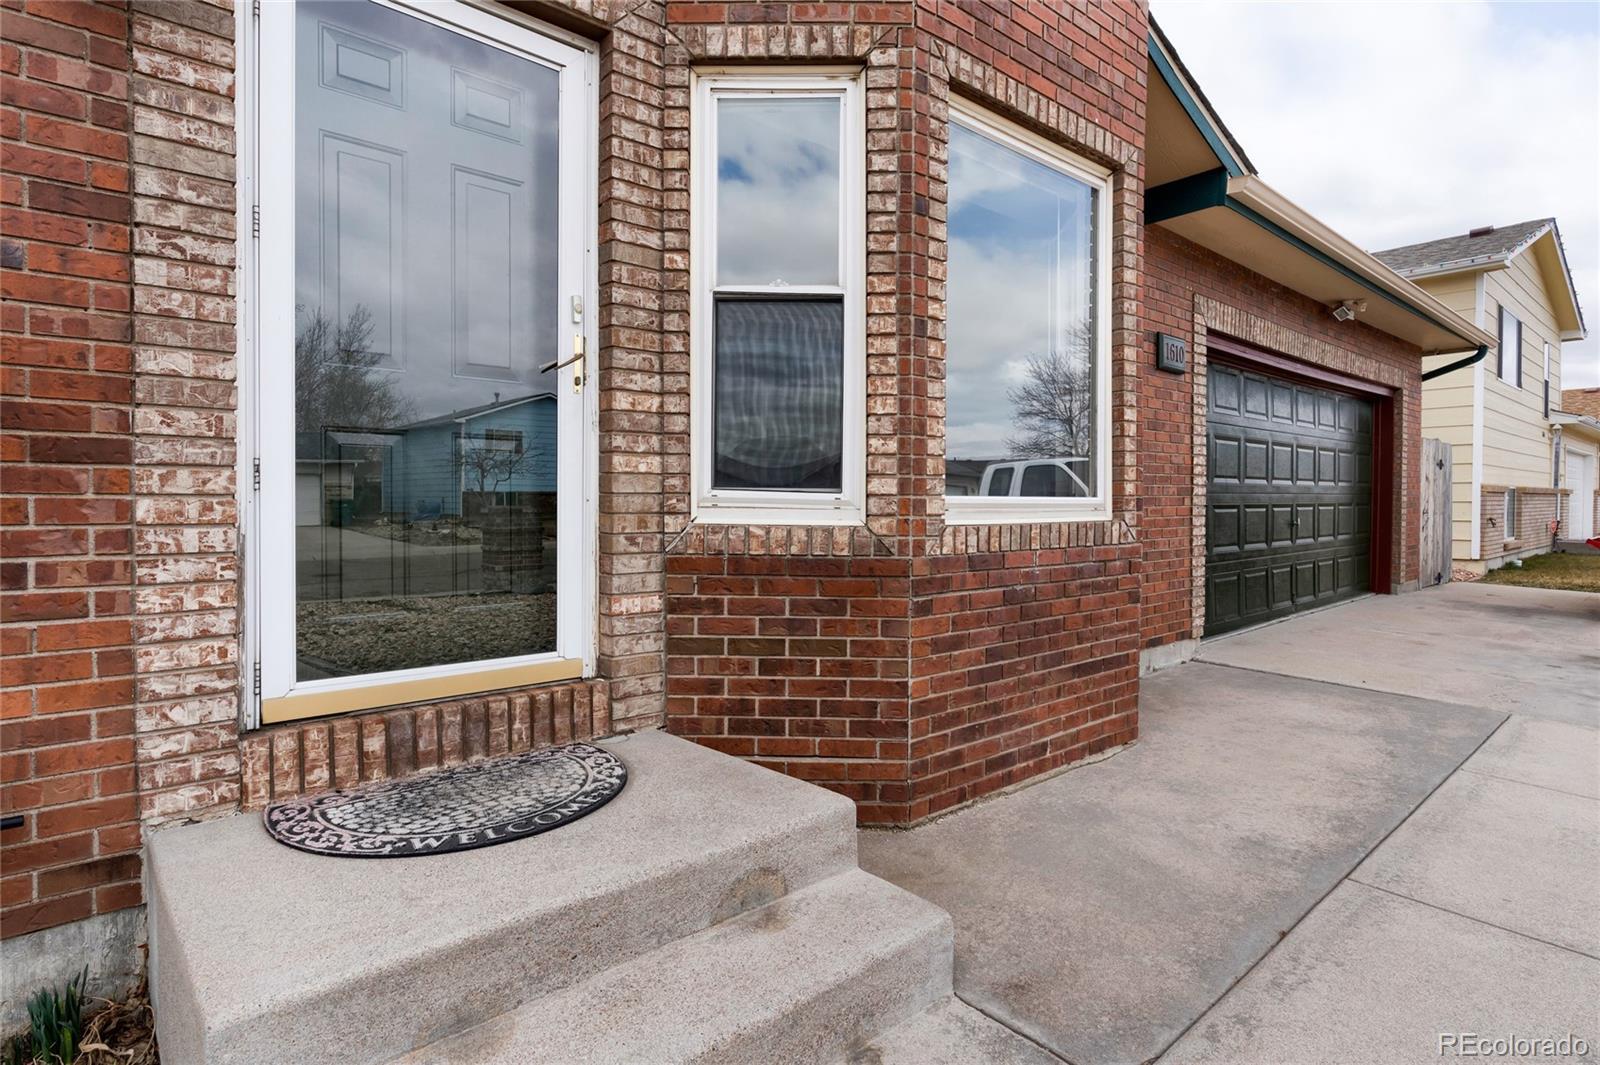 1610 41st Street Road, Evans, CO 80620 - Evans, CO real estate listing